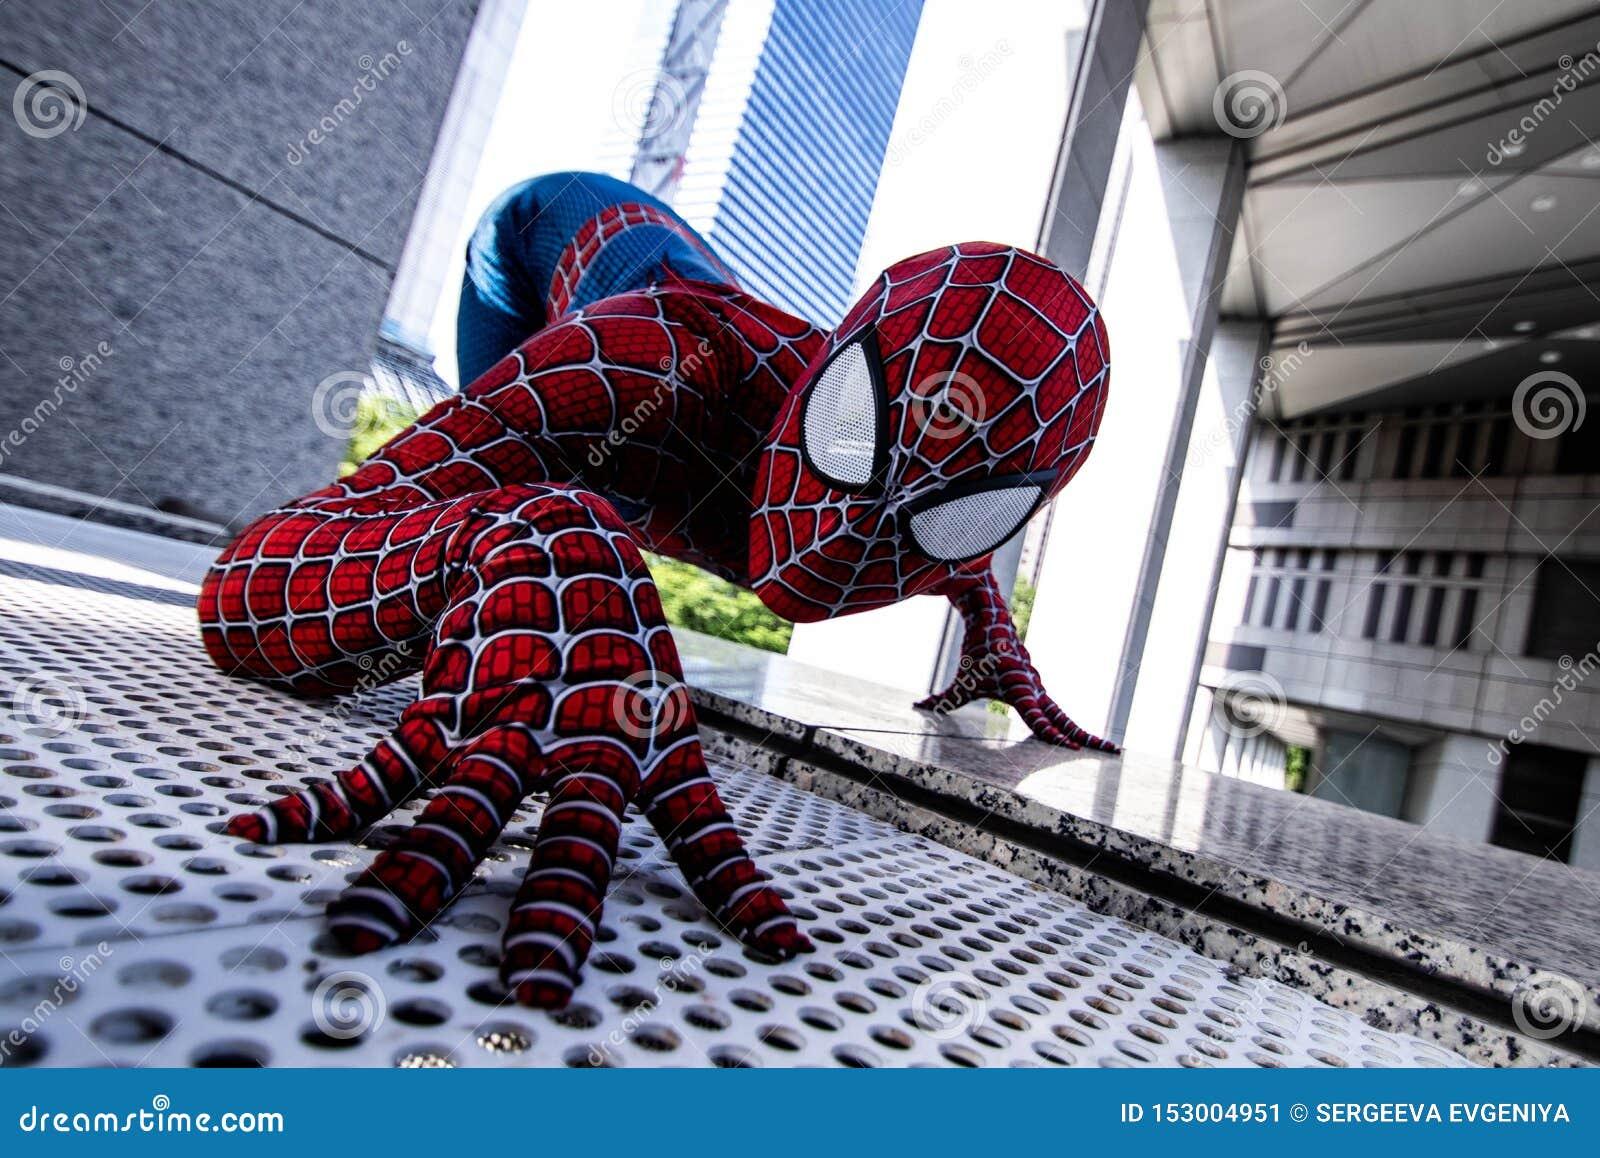 Токио, Япония - 15-ое июня 2019: Человек в человек-пауке чуда костюма супергероя шуточном на улице